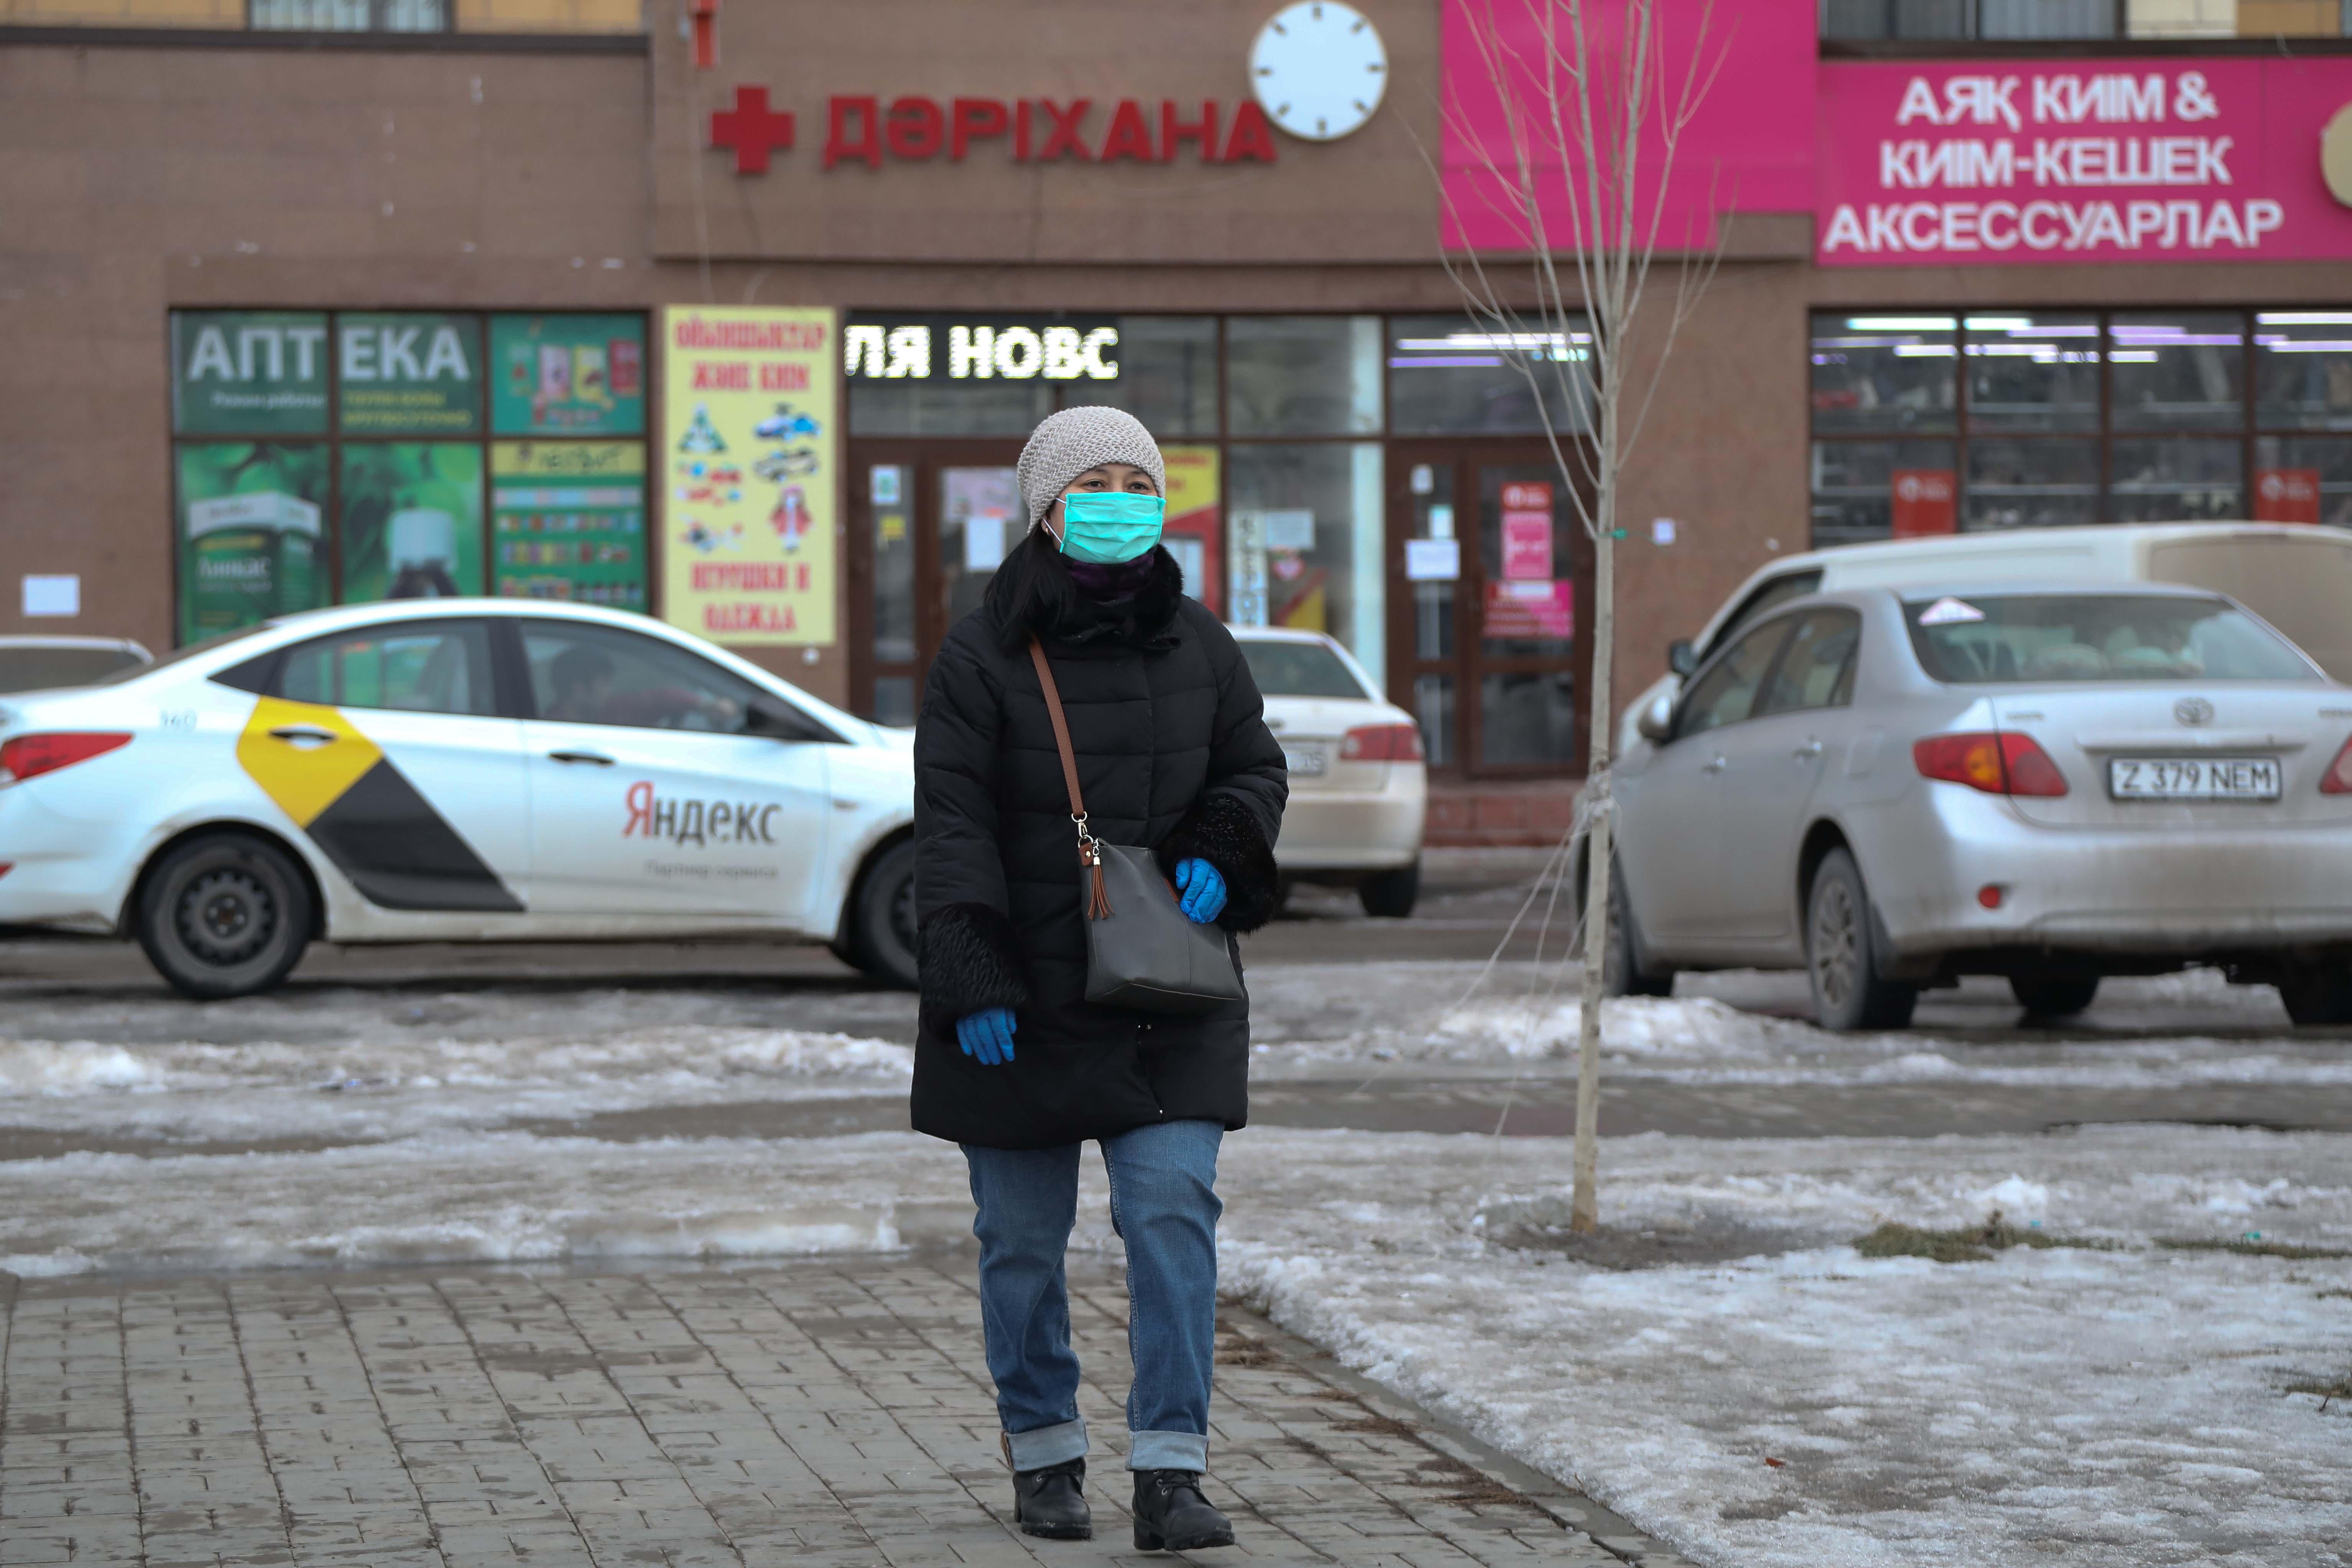 Коронавирус в Казахстане: число заболевших превысило 120 тысяч человек